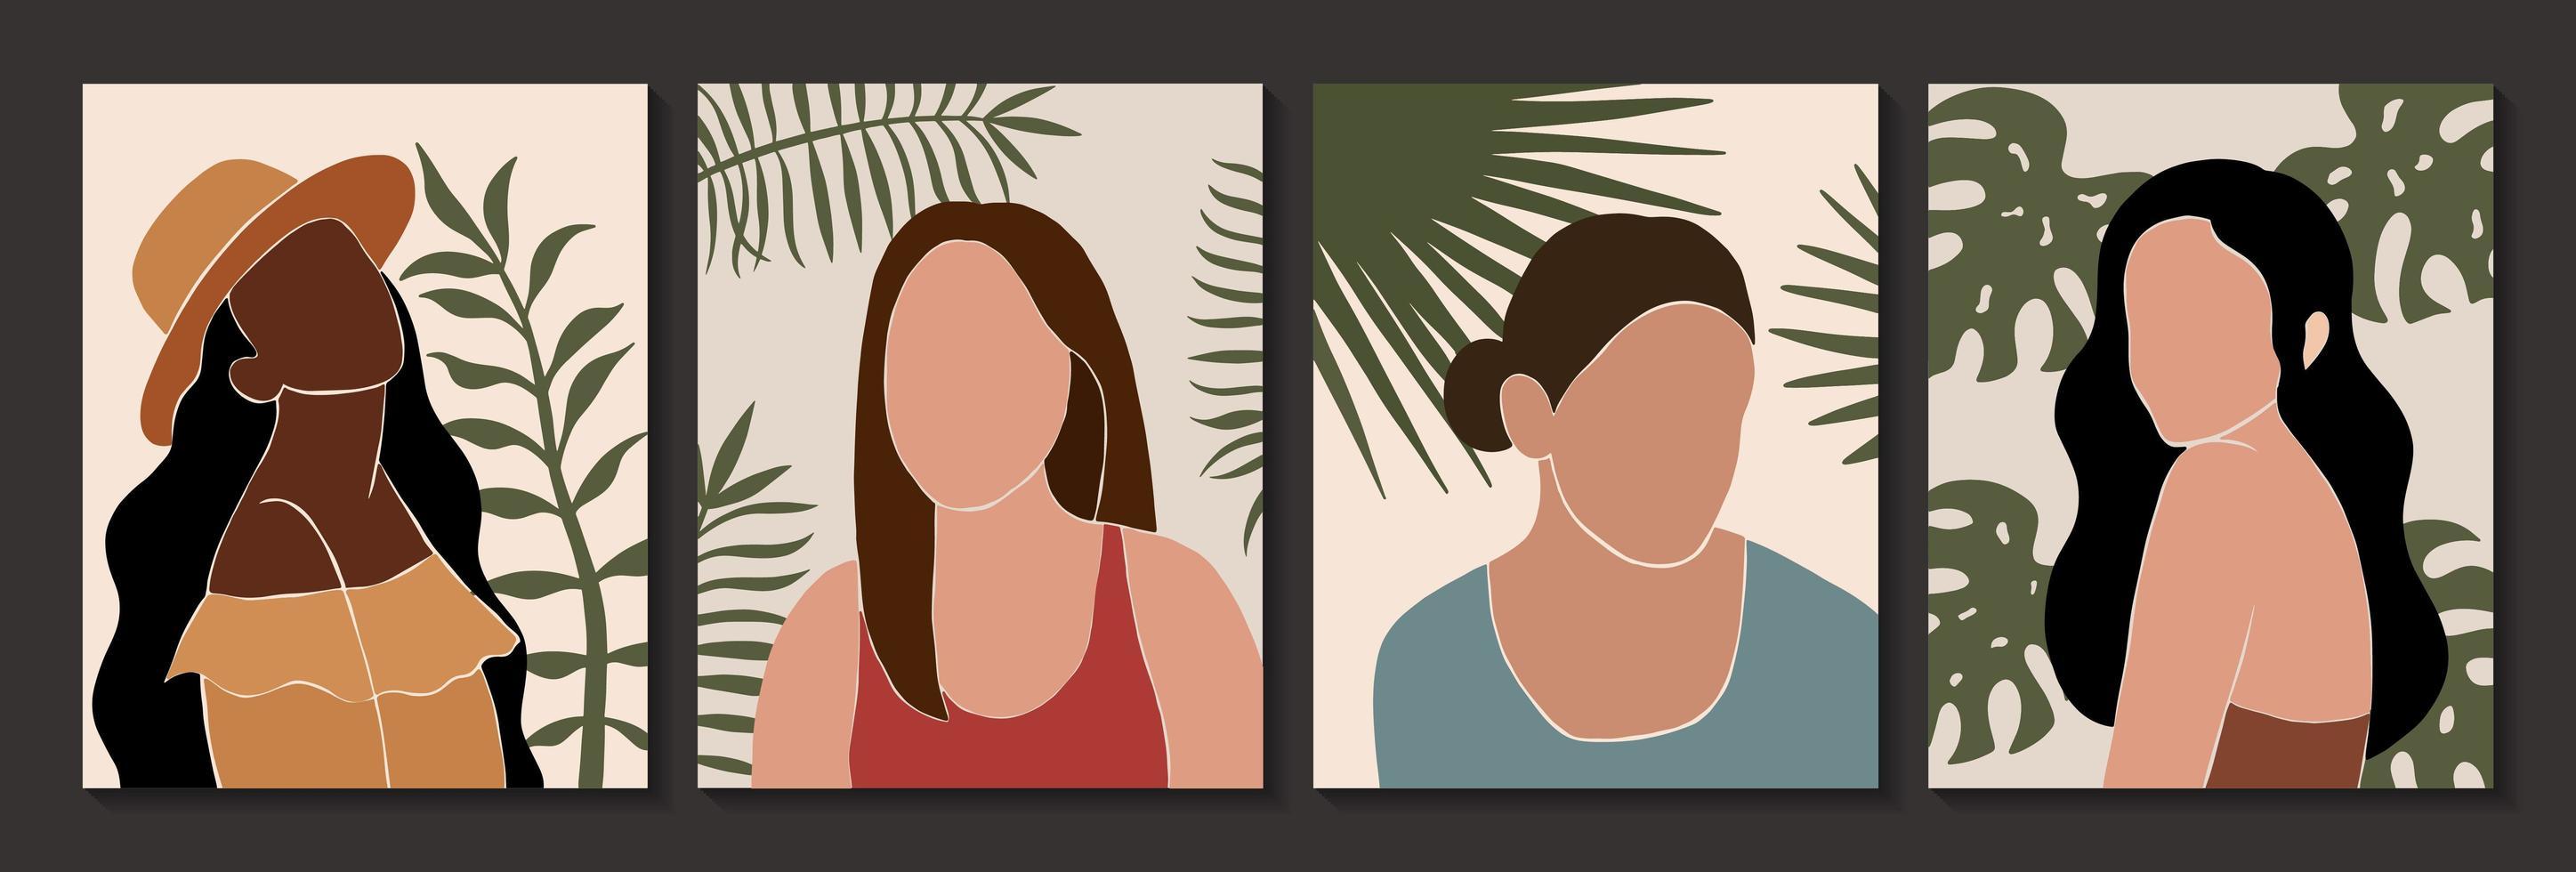 ensemble de silhouettes abstraites de femmes et de feuilles dans un style boho vecteur